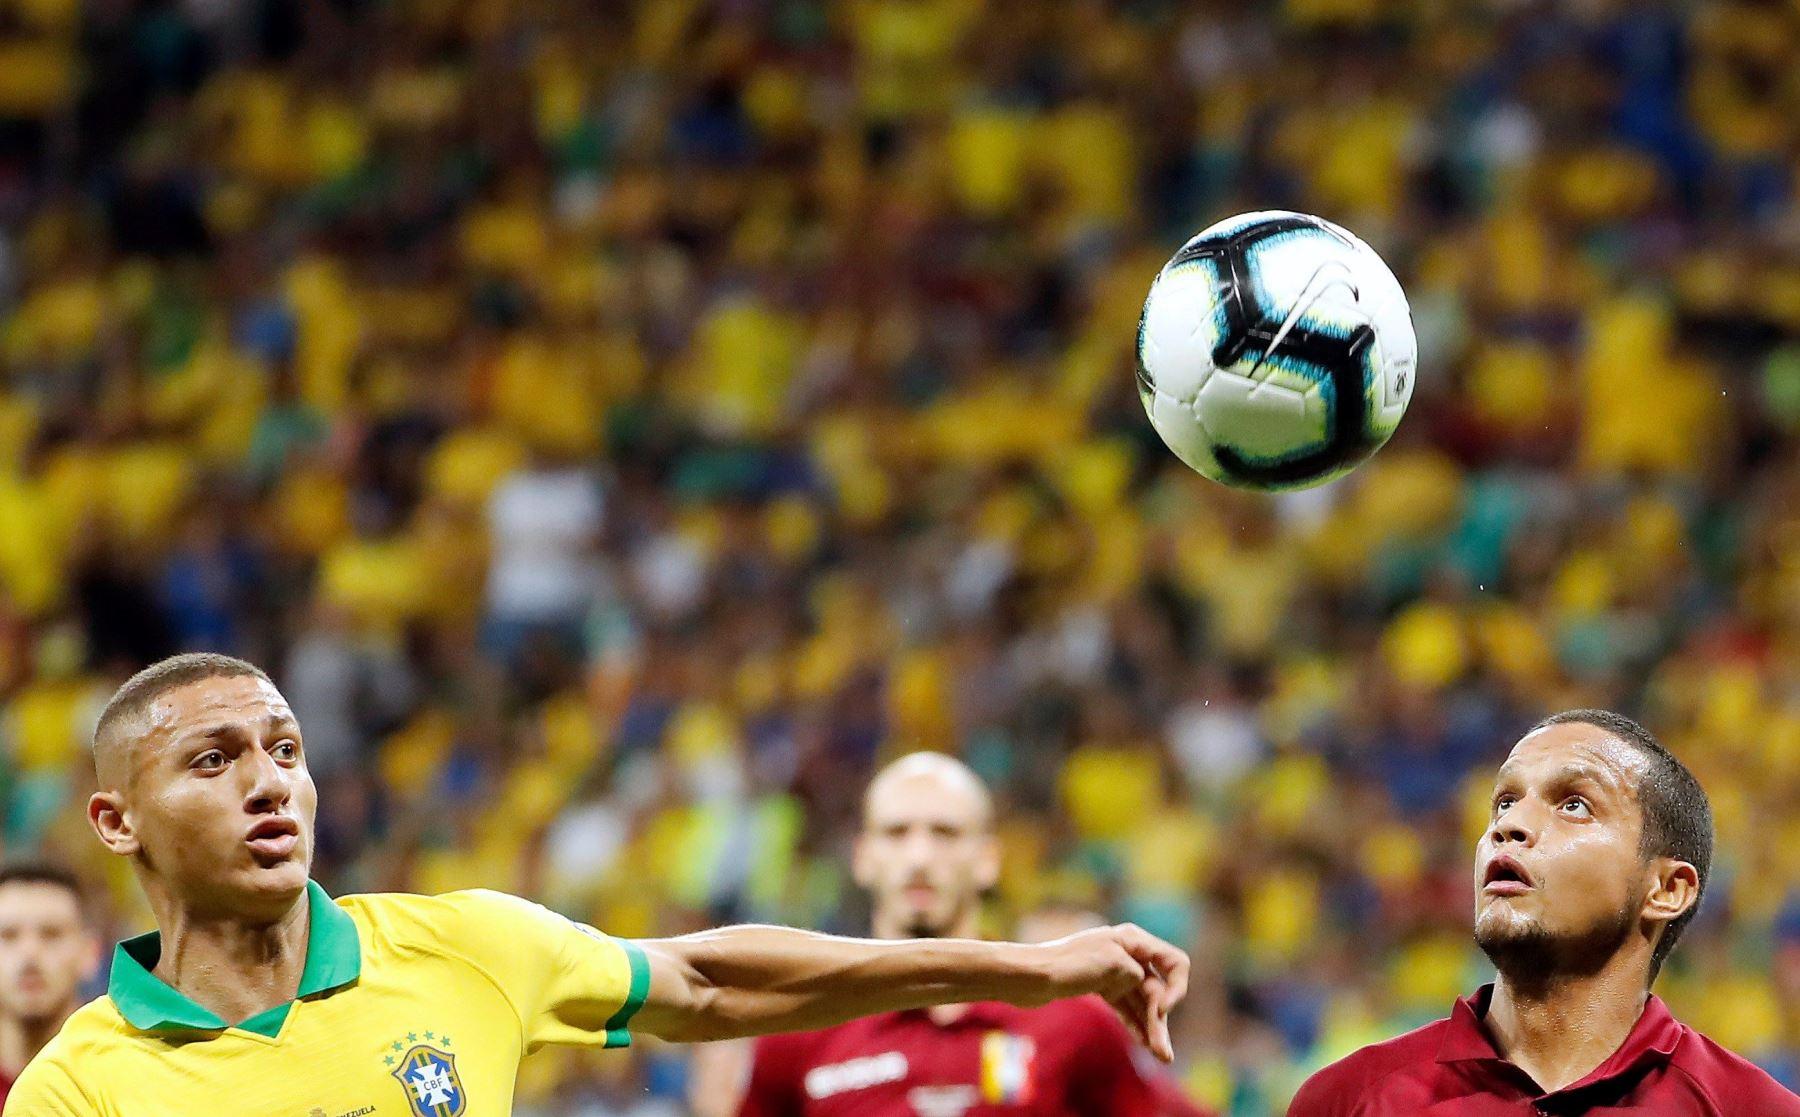 El jugador de Brasil Richarlison (i) disputa el balón con Roberto Rosales de Venezuela , durante el partido Brasil-Venezuela del Grupo A de la Copa América de Fútbol 2019. Foto: EFE